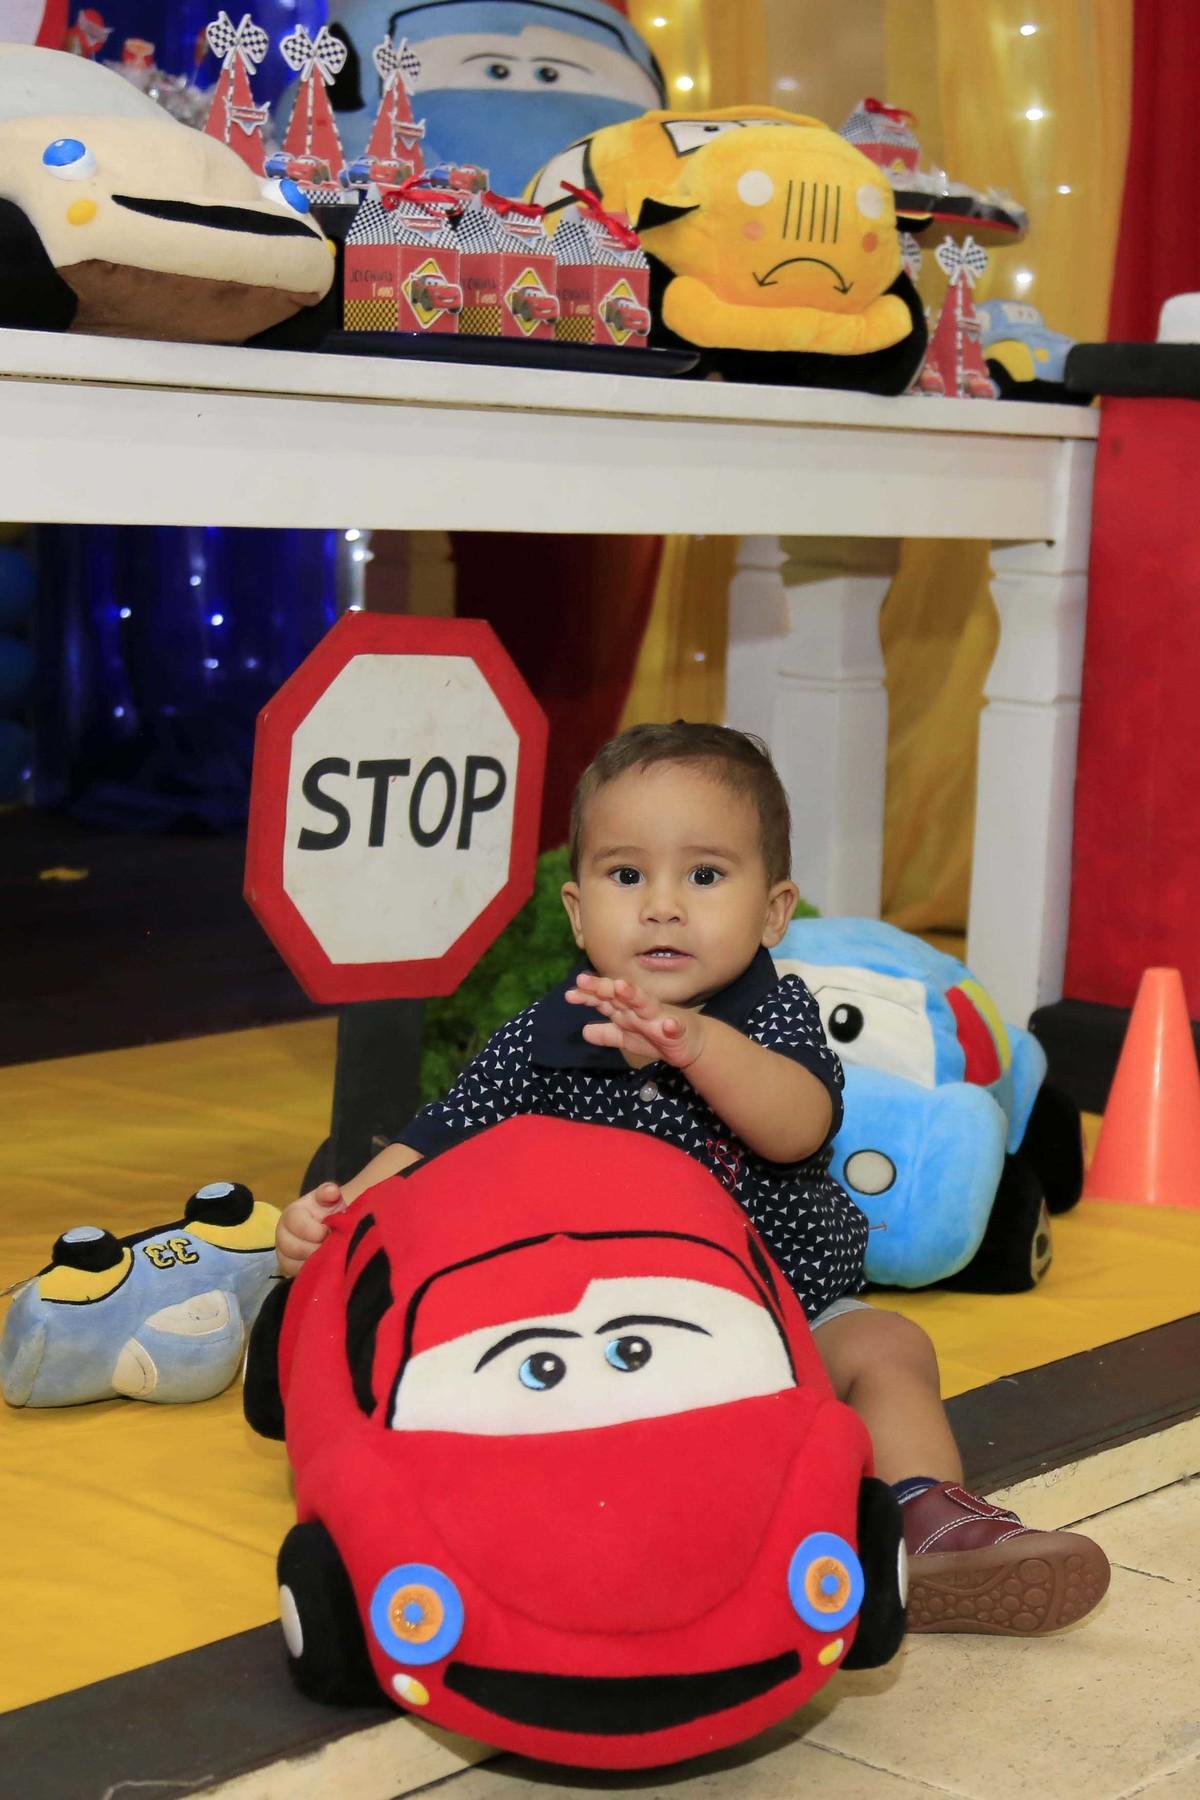 Atenção aos sinais do trânsito!Decoração de festa infantil com tema Carros no Buffet Castelo Encantado pela fotógrafa de aniversários Karina Cleto